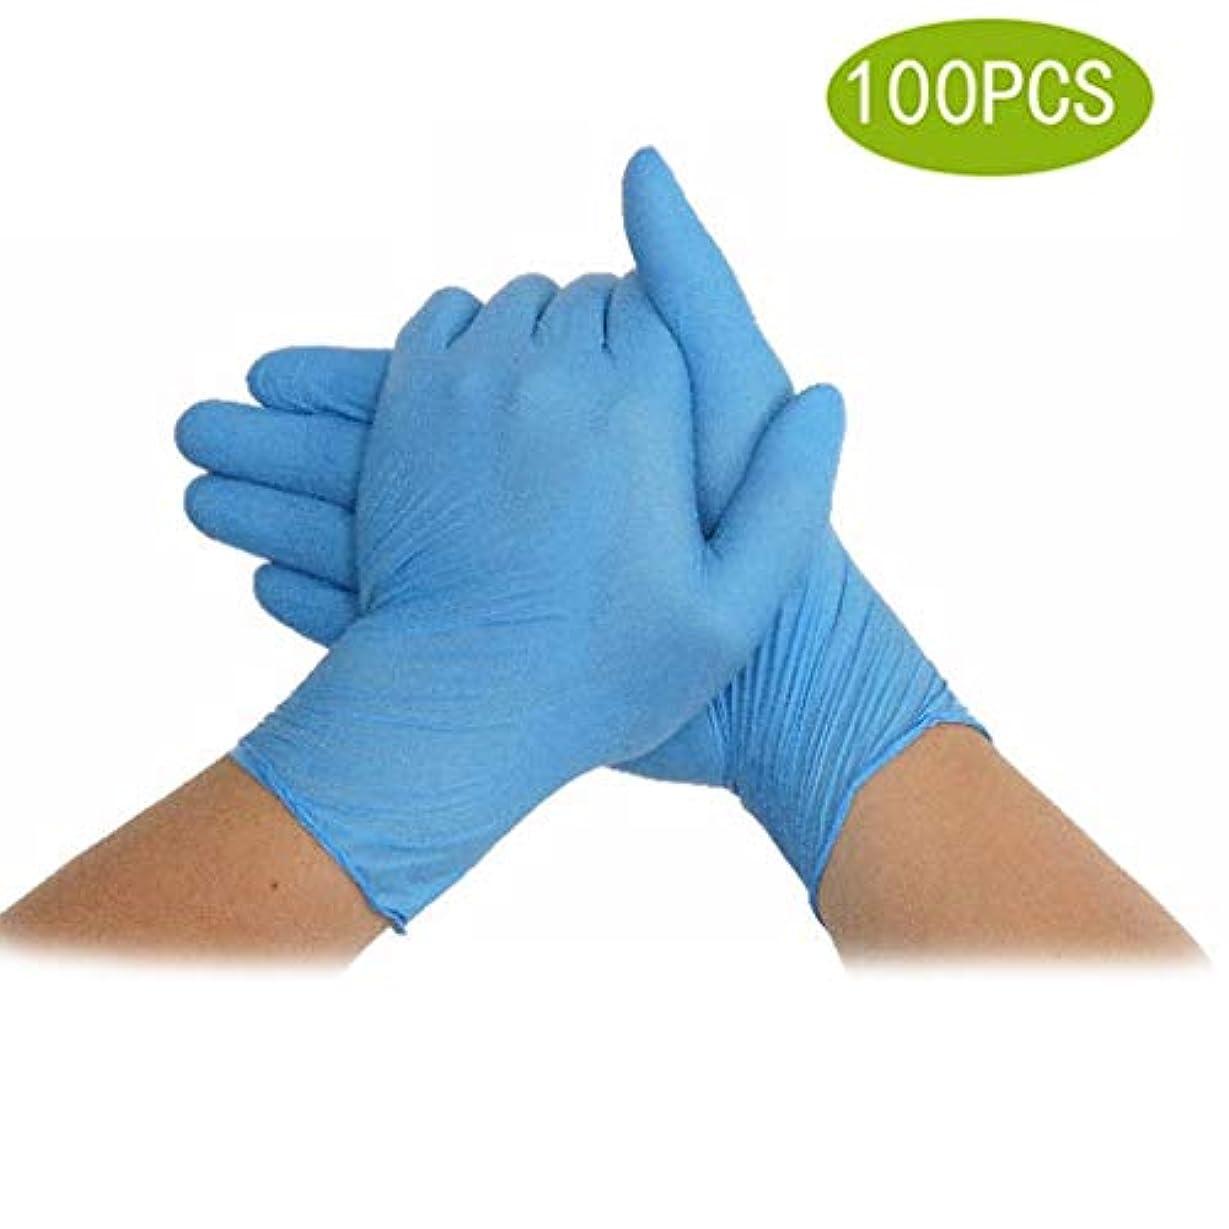 調和のとれた敵対的9インチ使い捨て手袋軽量安全フィットニトリル手袋ミディアムパウダーフリーラテックスフリーライト作業クリーニング園芸医療用グレードタトゥーメディカル試験用手袋100倍 (Size : S)